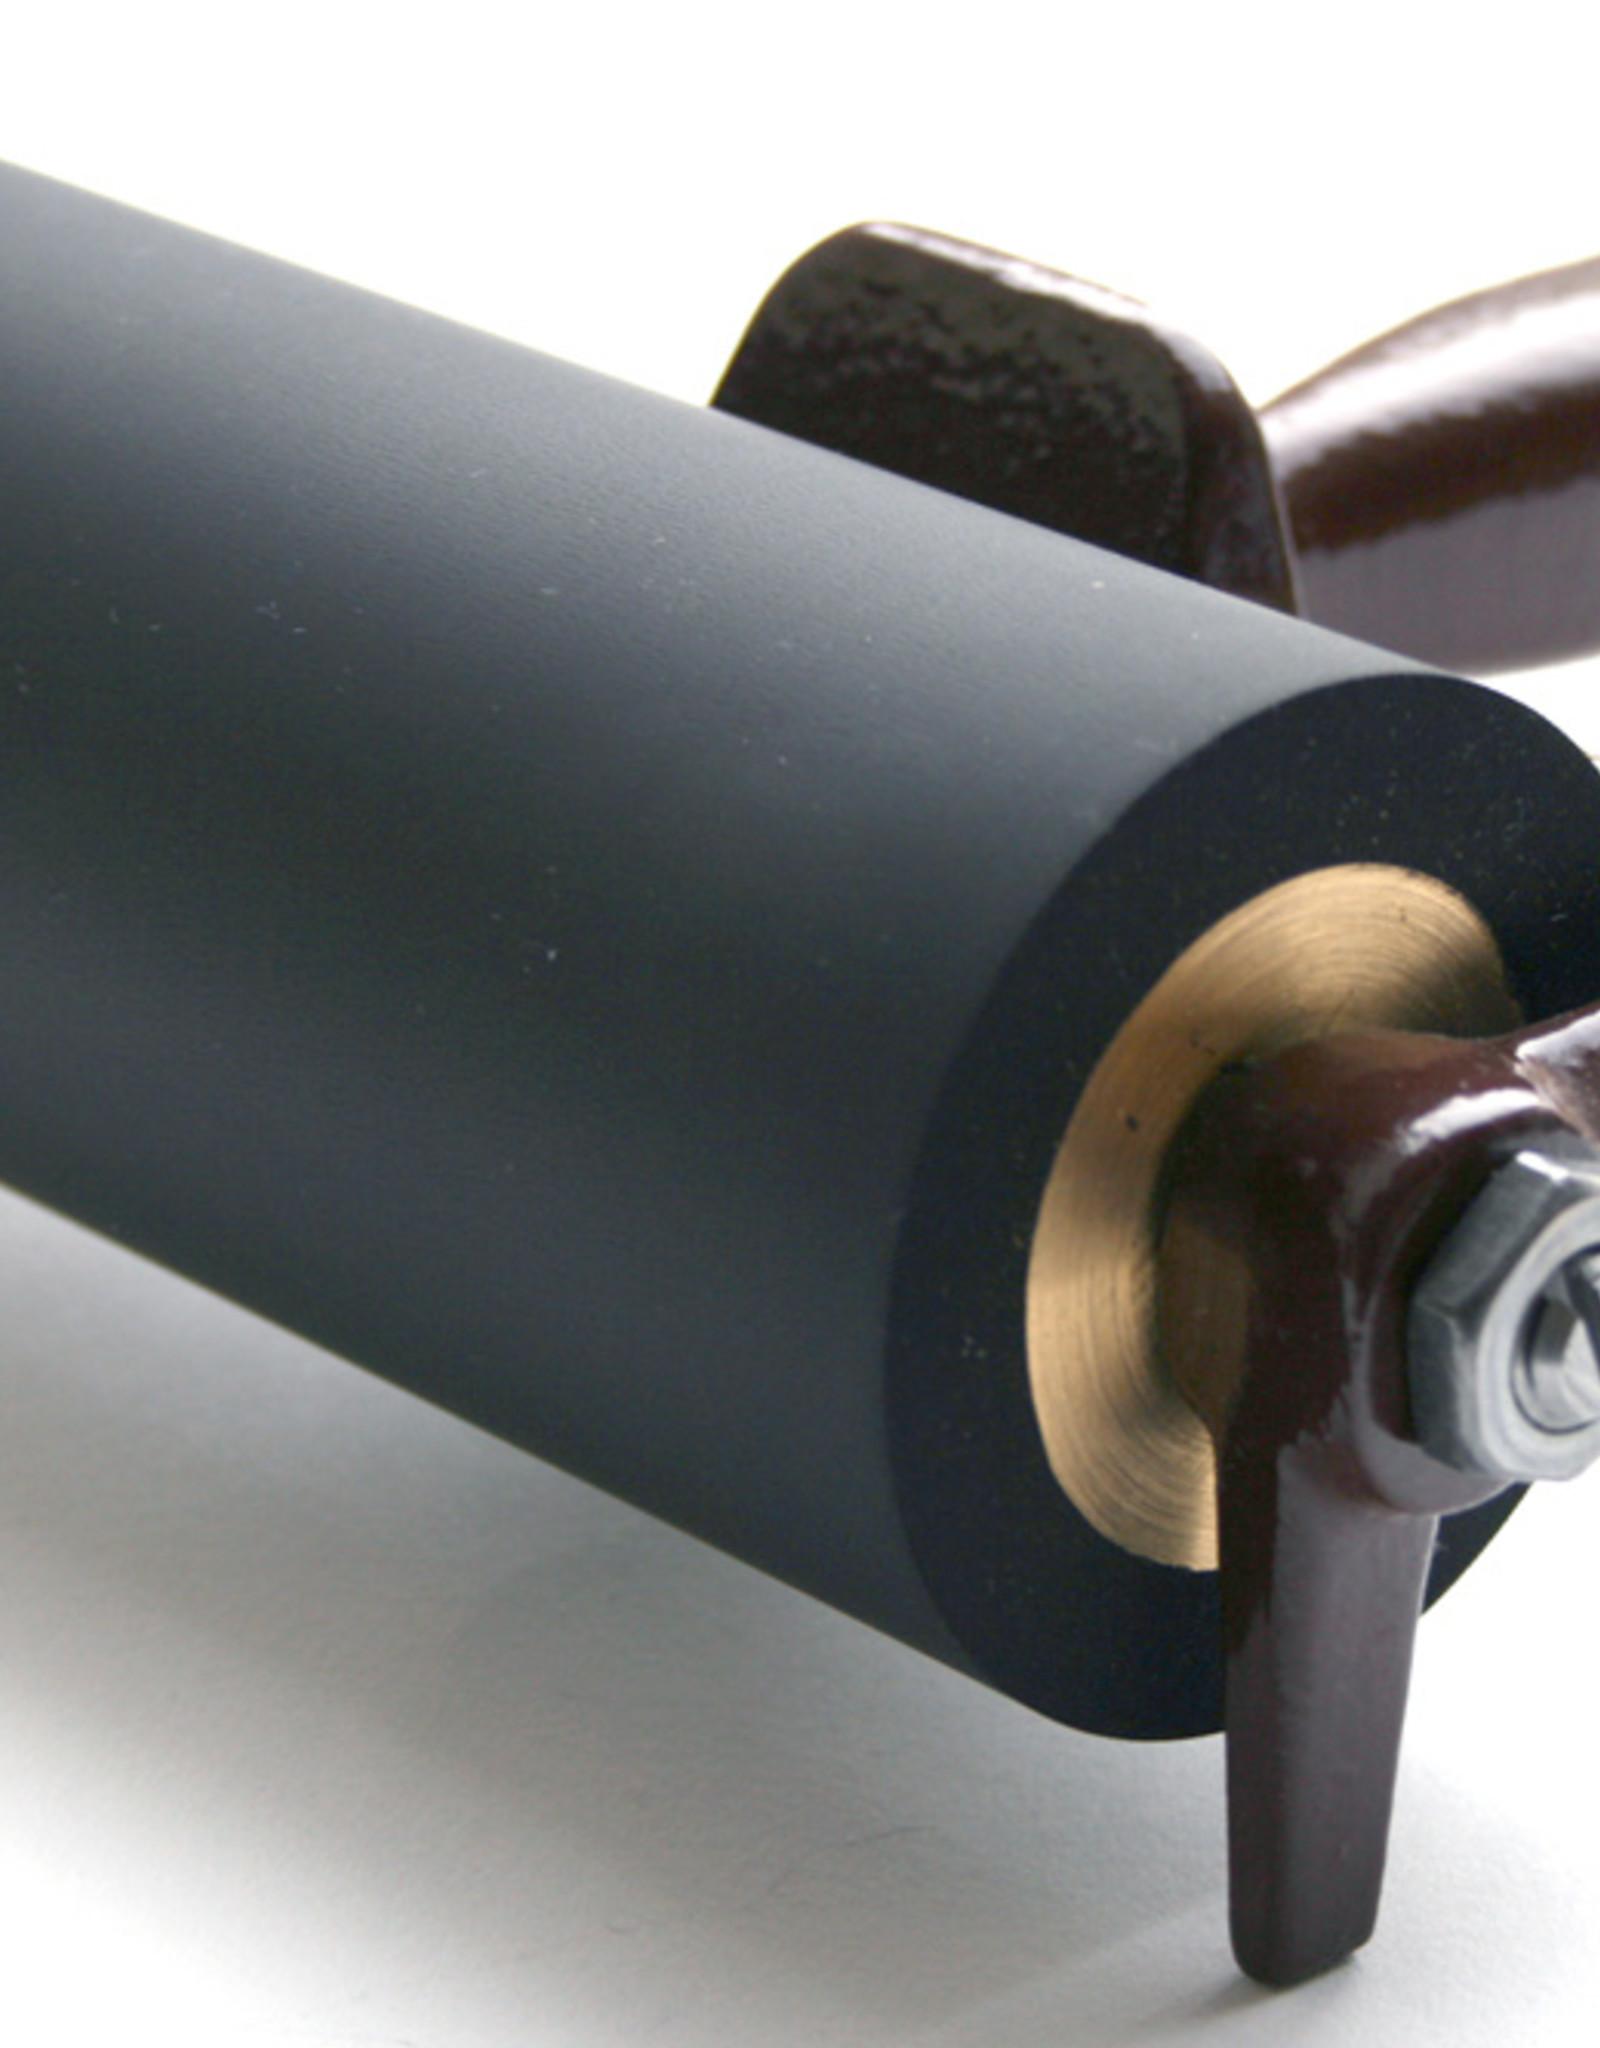 Hauer Topkwaliteit inktrollers. Doorsnede 6 cm, rubberdikte 1 cm. Deze rollen zijn nauwkeurig recht geslepen waardoor een gelijkmatige inktoverdracht gewaarborgd is.De kern is gemaakt van messing dus corrosiebestendig. De beugel is gemaakt van gegoten metaal en